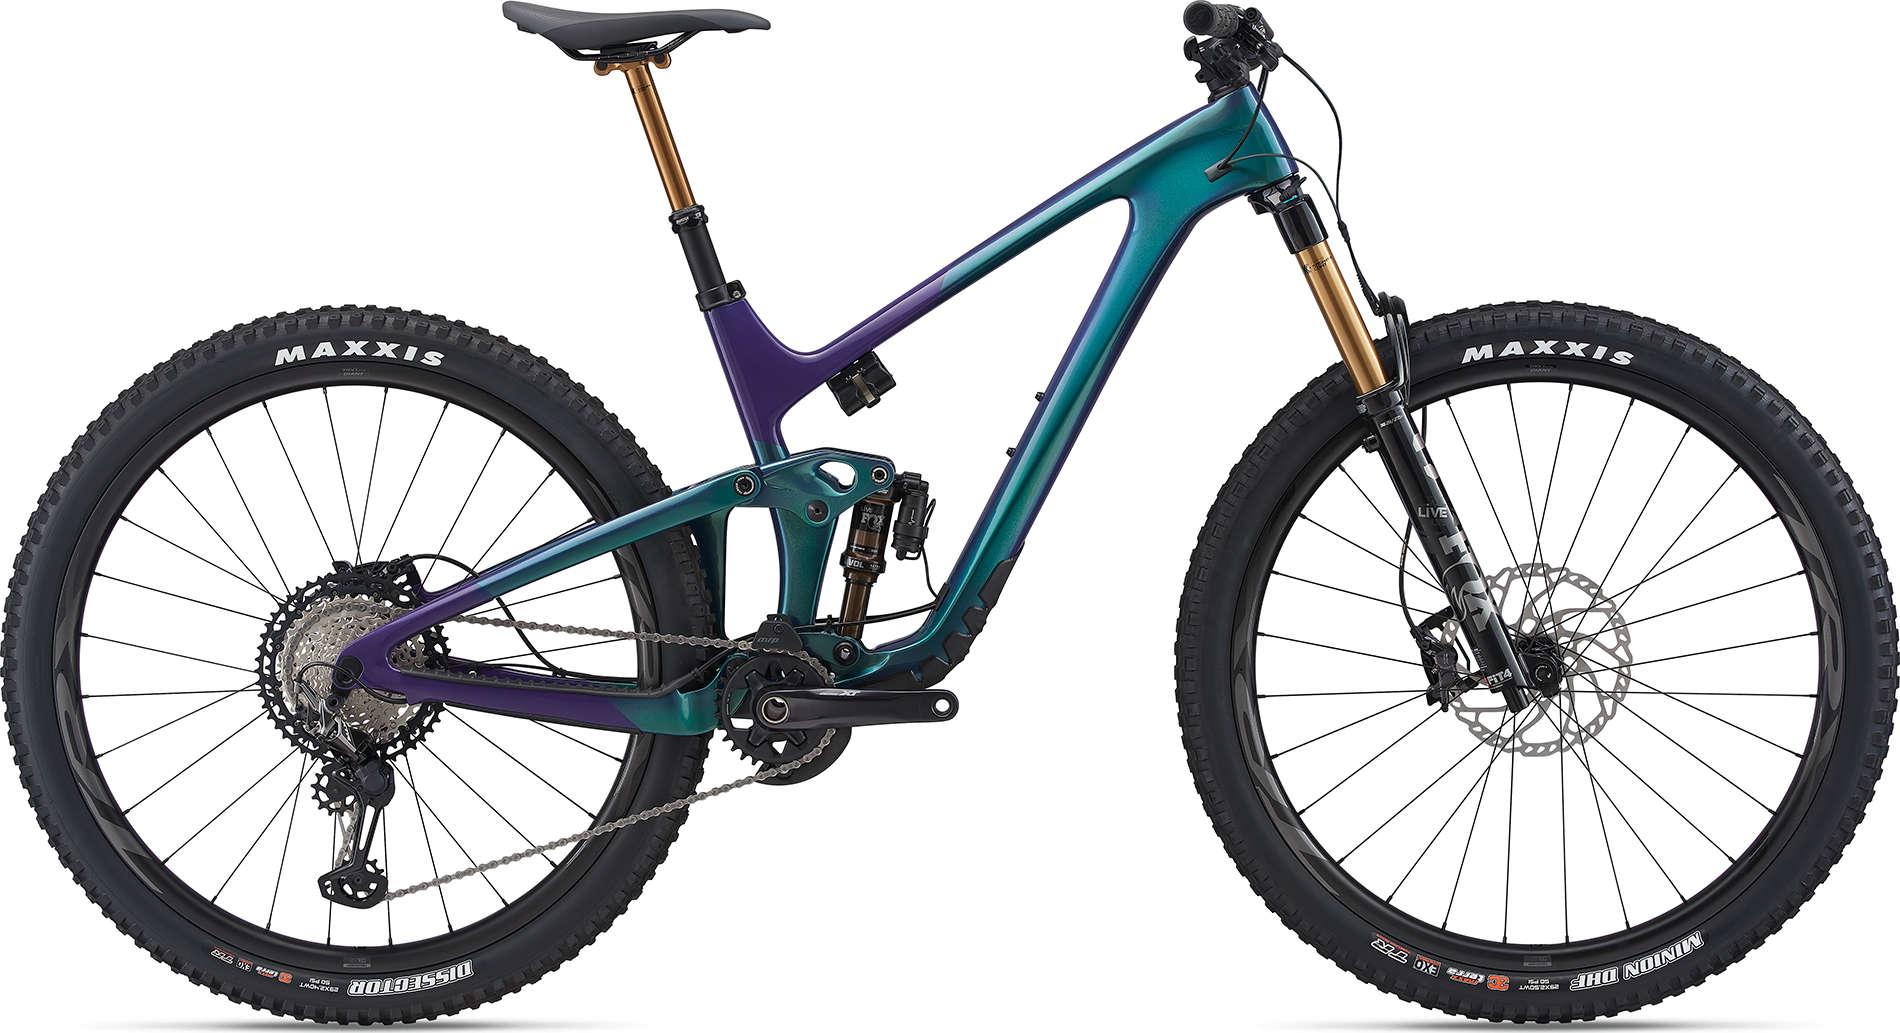 Giant Mountain Bikes